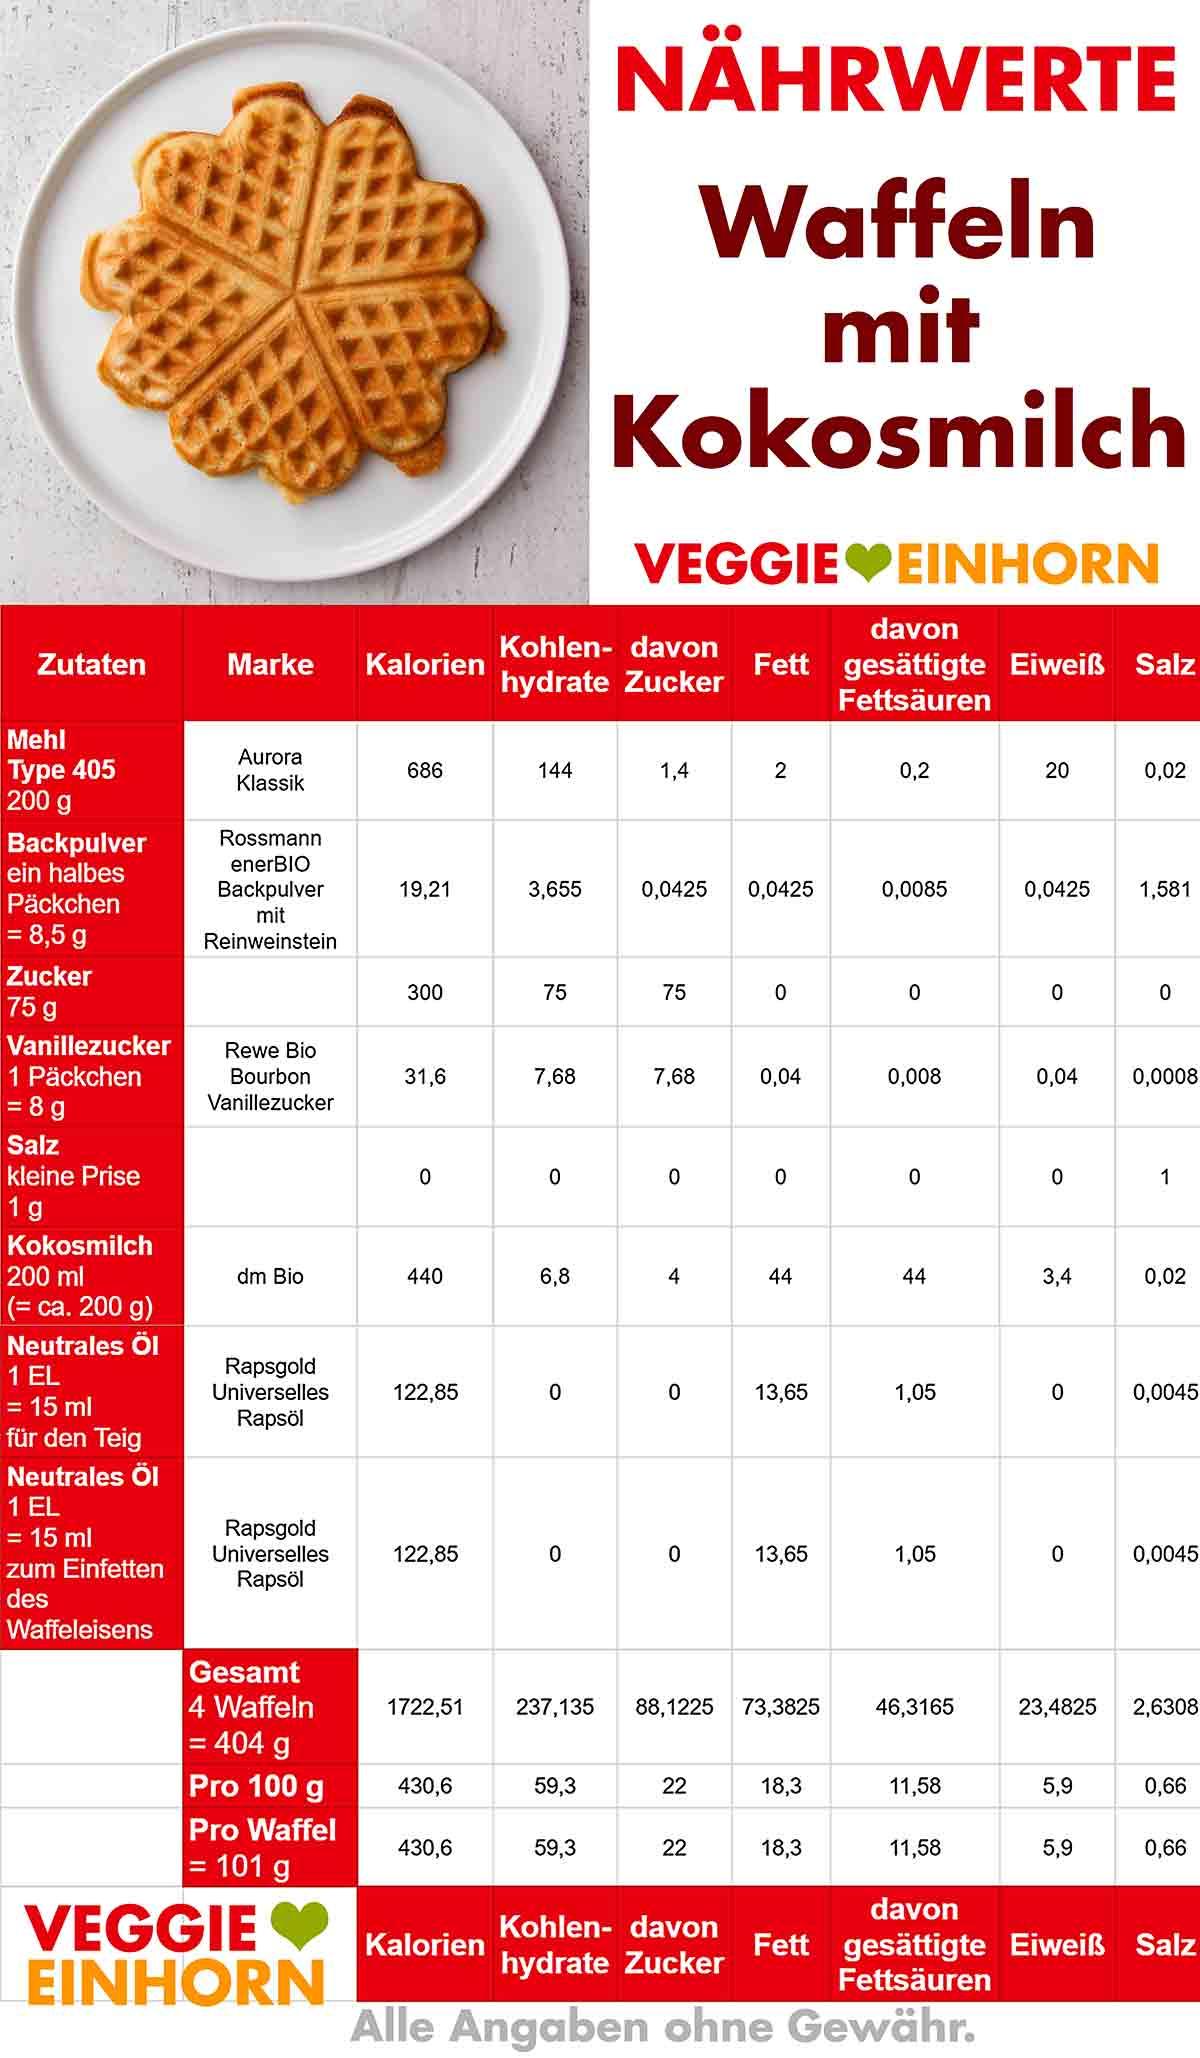 Kalorien von Waffeln mit Kokosmilch